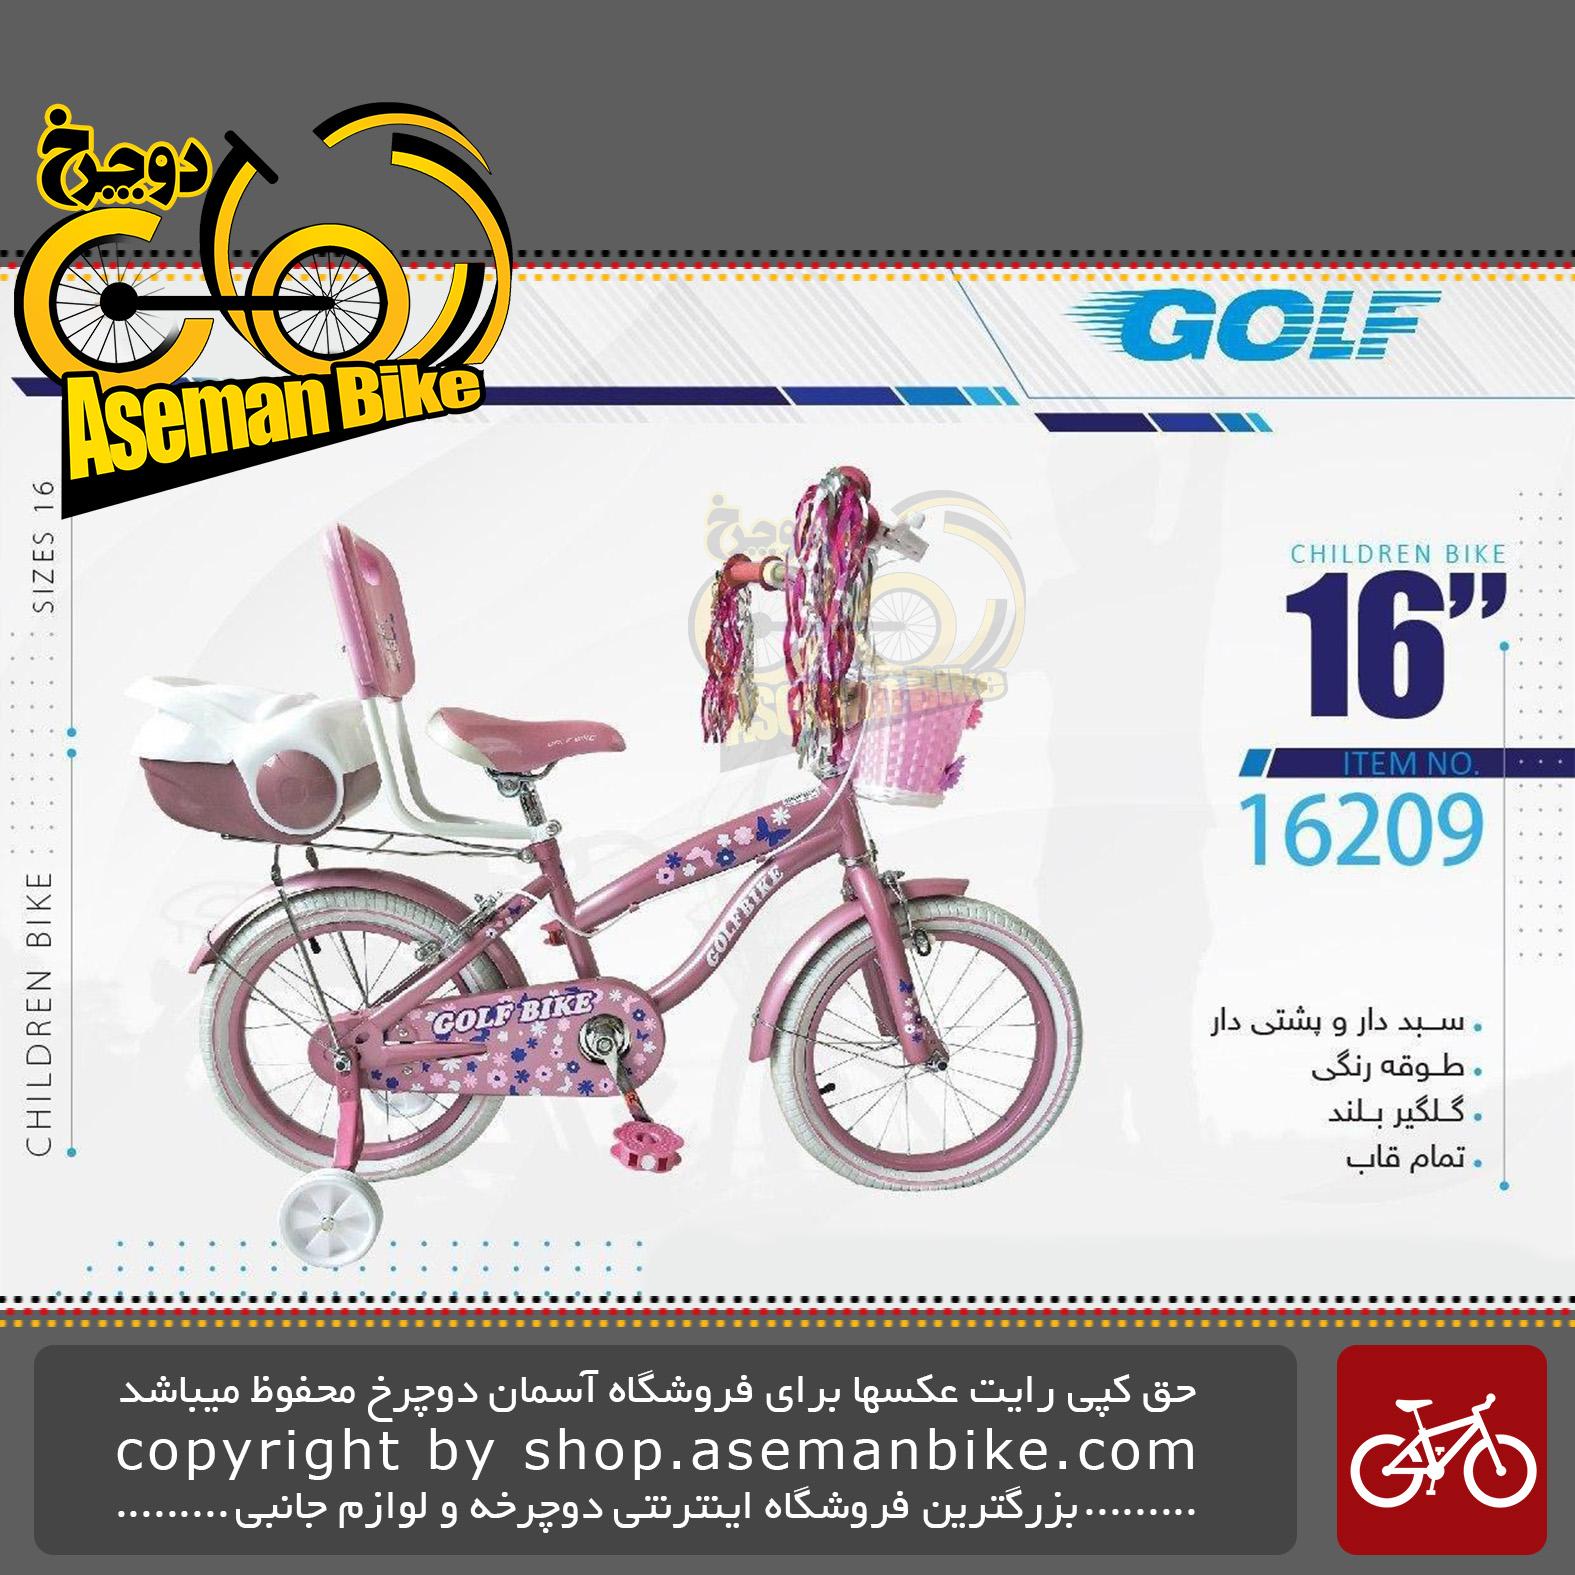 دوچرخه دخترانه بچگانه گلف سایز 16 صندوق دار پشتی دار سبد دار مدل 16209 GOLF Bicycle Kids Size 16 Model 16209